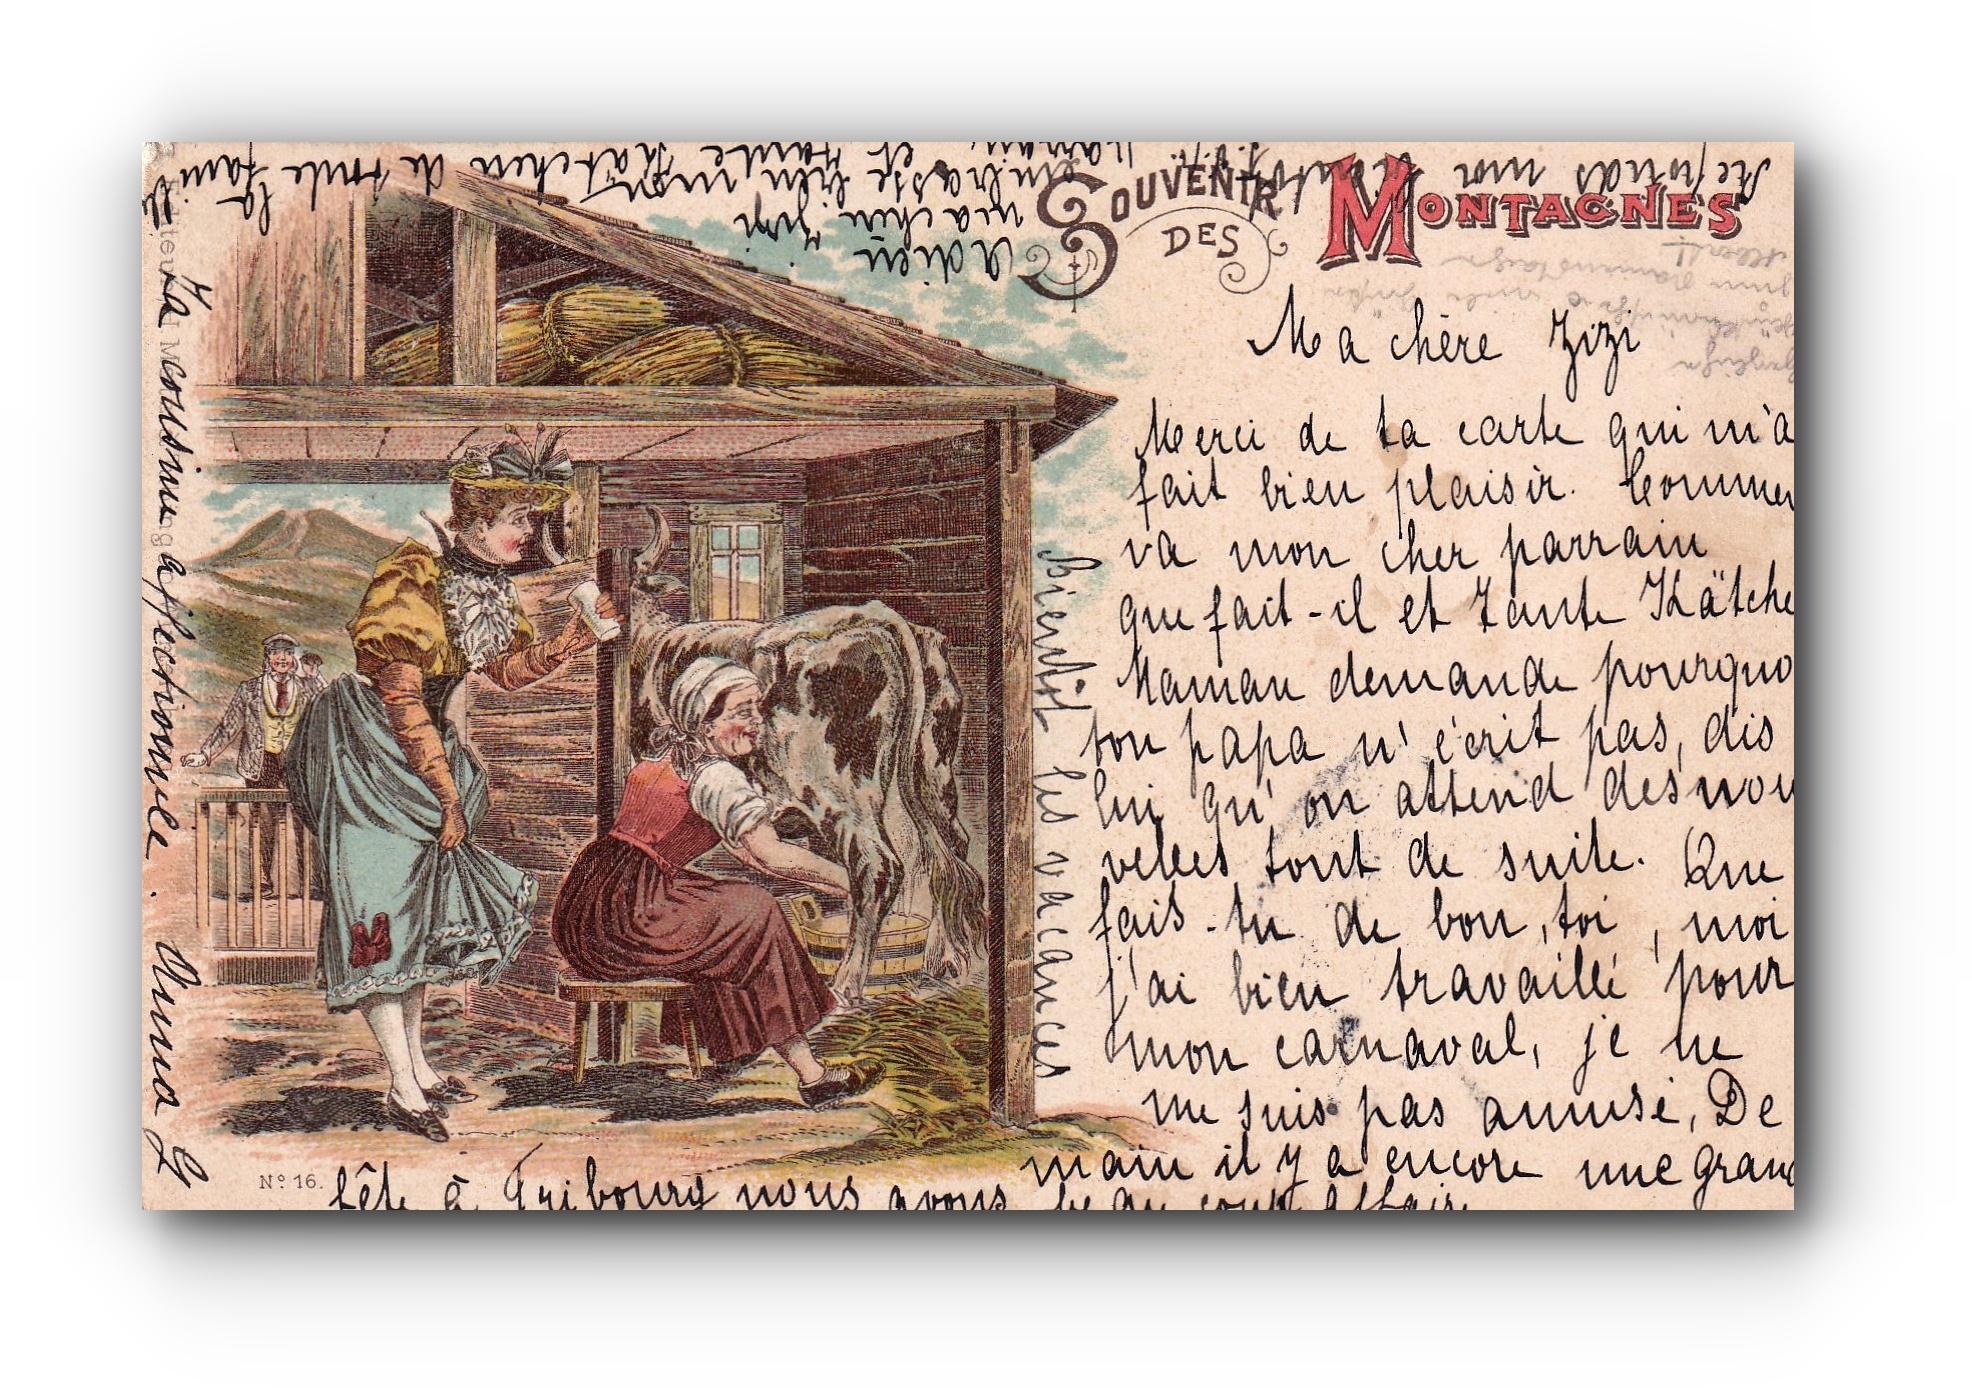 Souvenir des montagnes - 06.03.1899 - Erinnerung an die Berge - Souvenir of the mountains